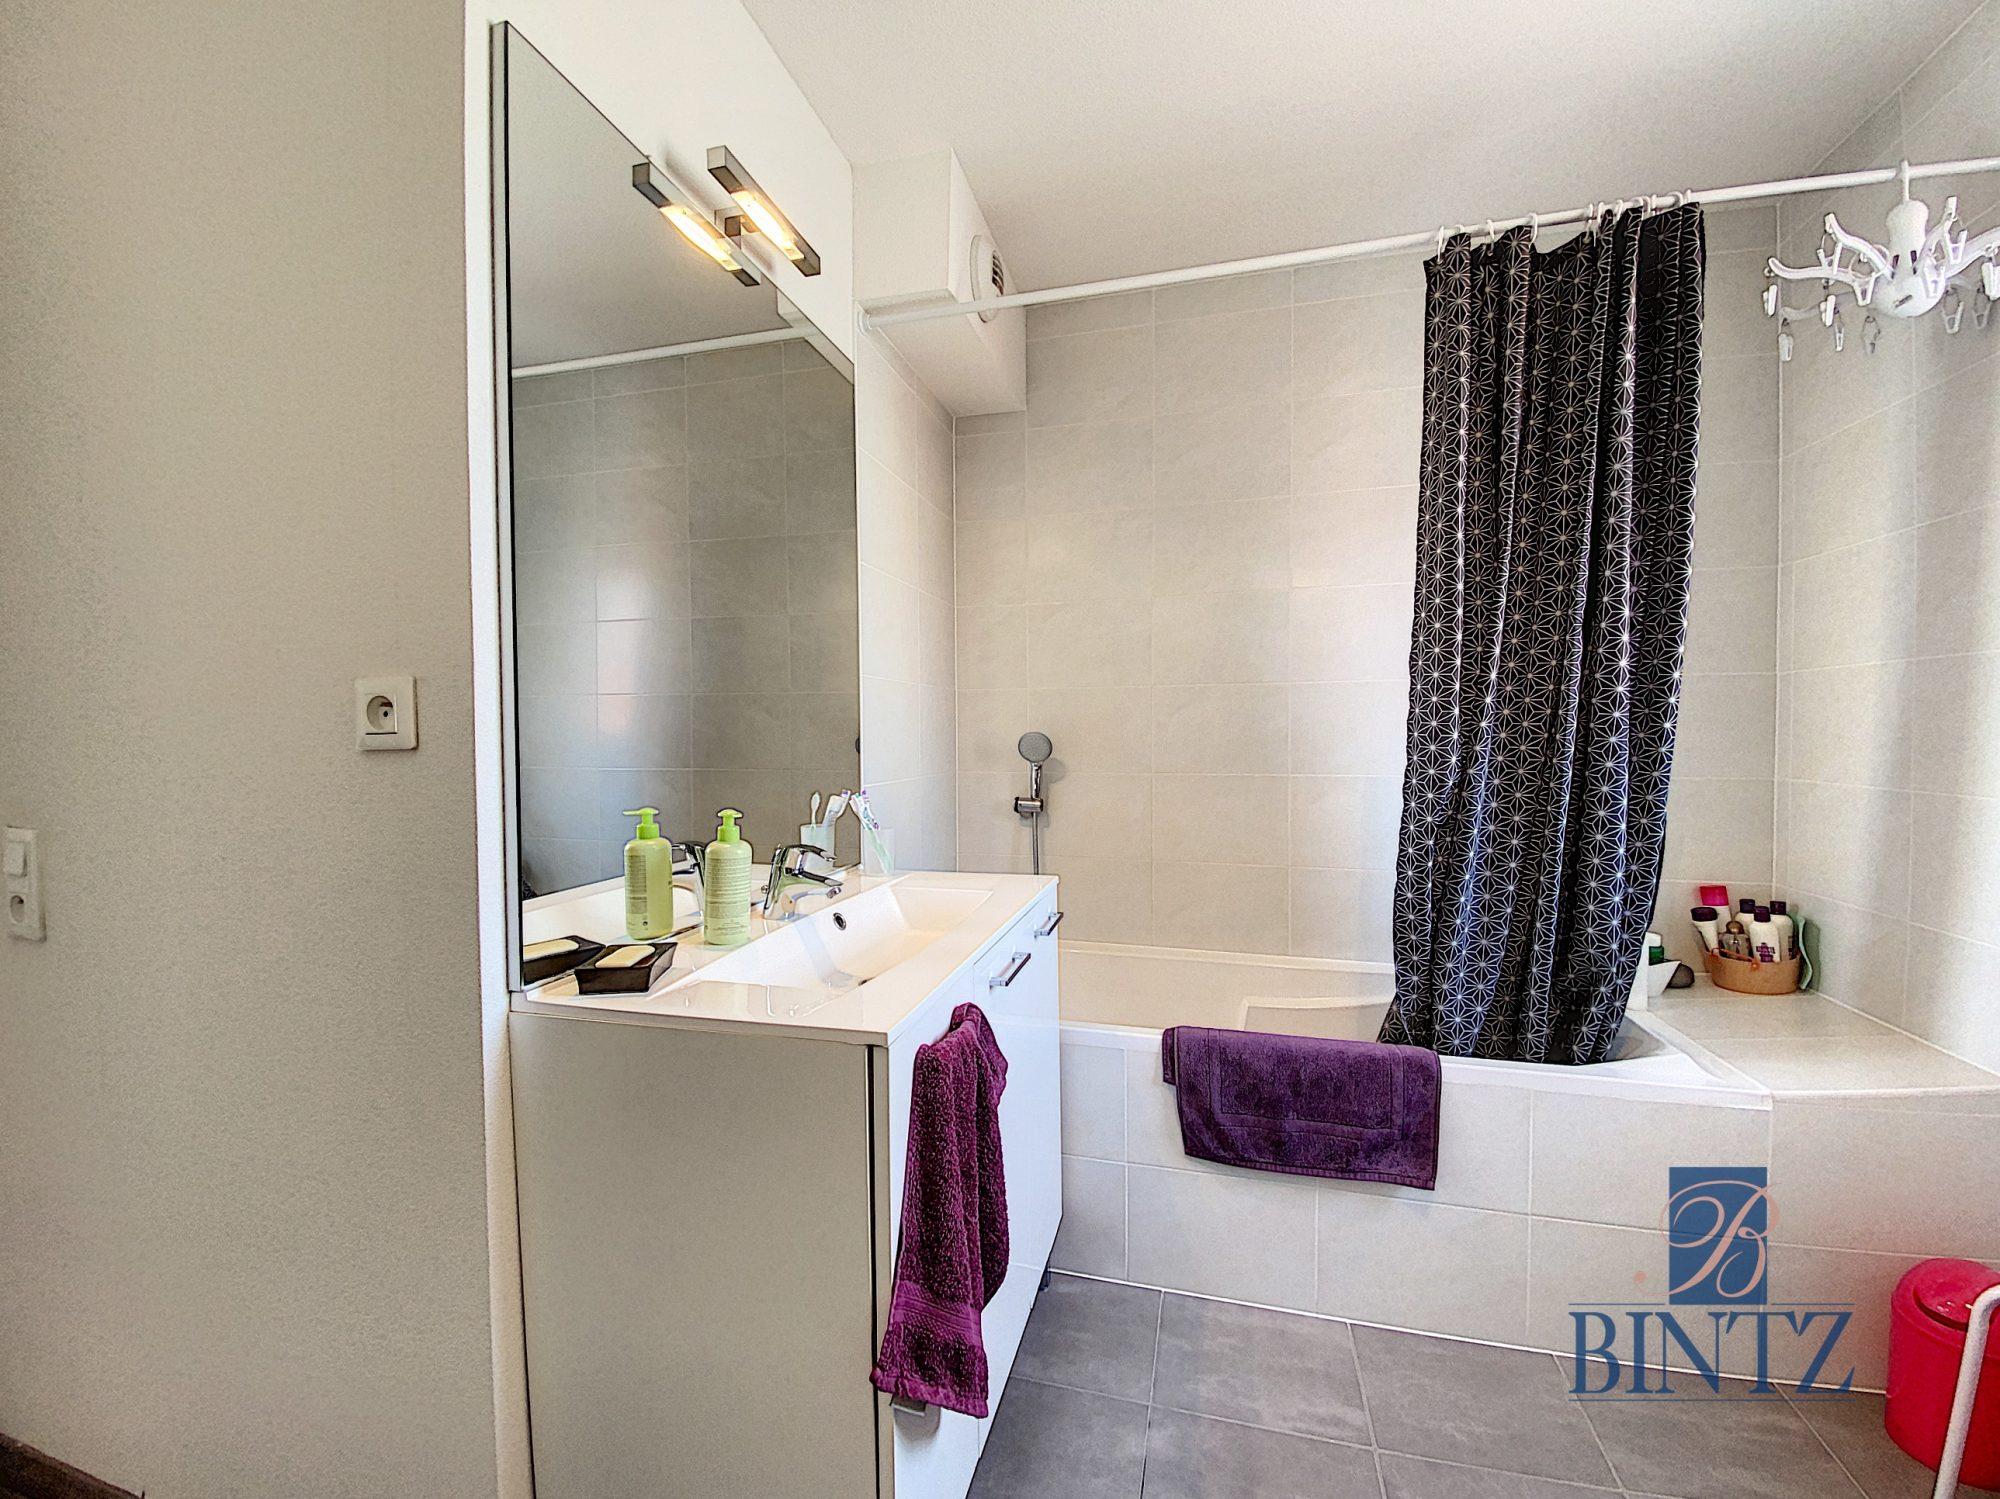 3 pièces neuf avec terrasse Schiltigheim - Devenez propriétaire en toute confiance - Bintz Immobilier - 13